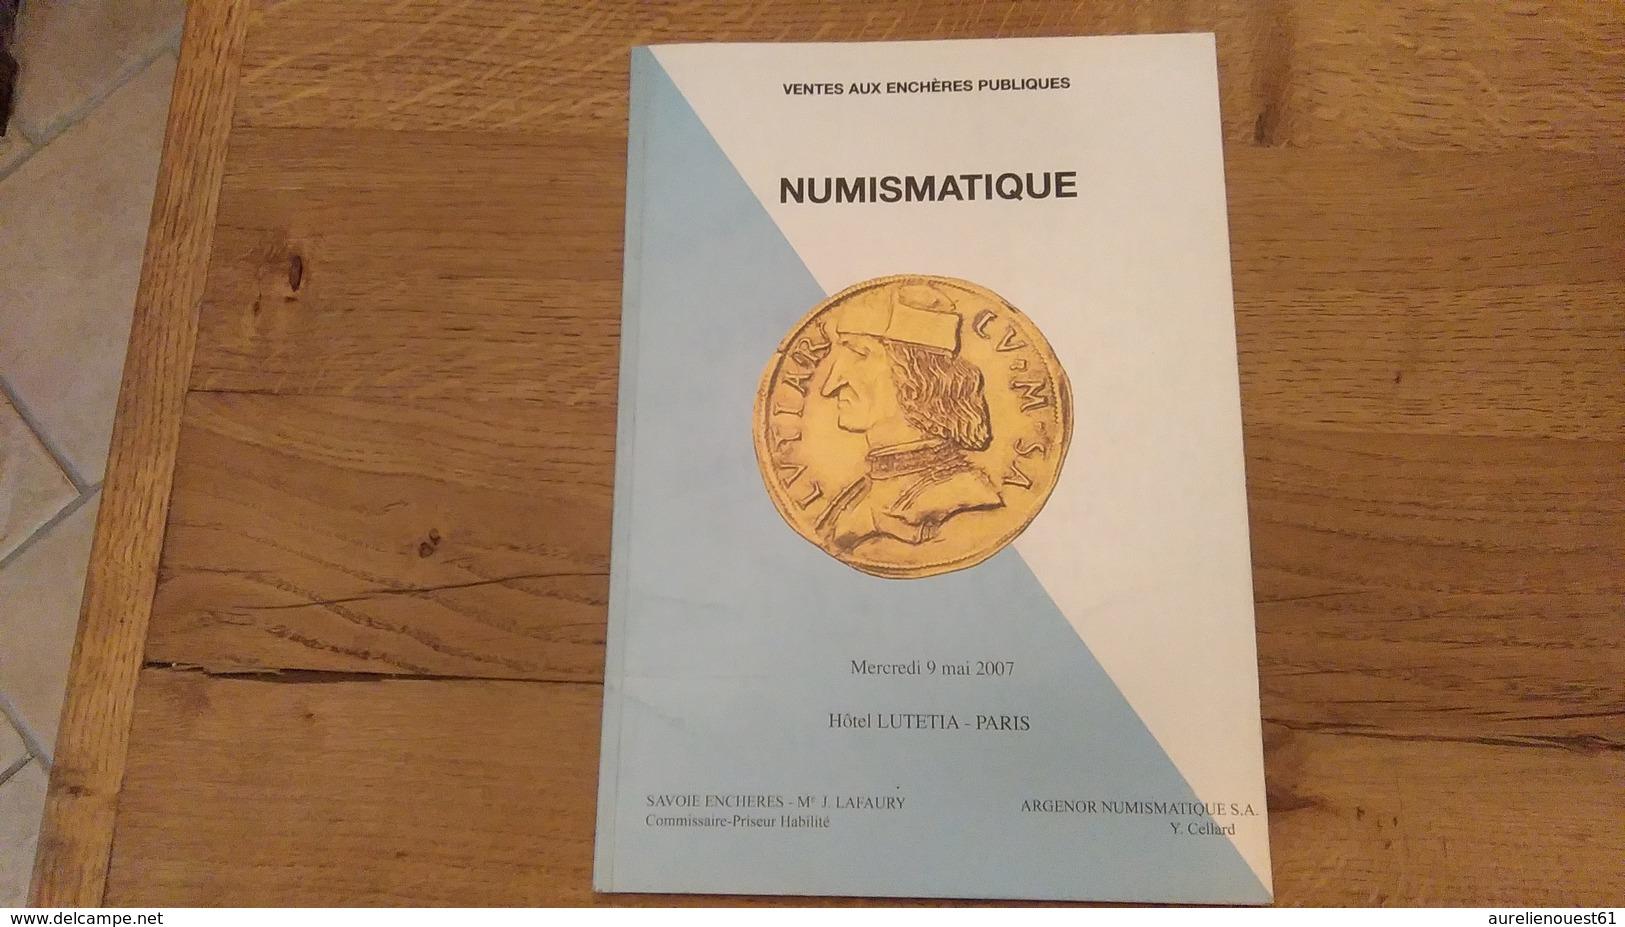 60: Numismatique Ventes Aux Encheres Publiques 9 Mai 2007 Hotel Lutetia Paris - Français